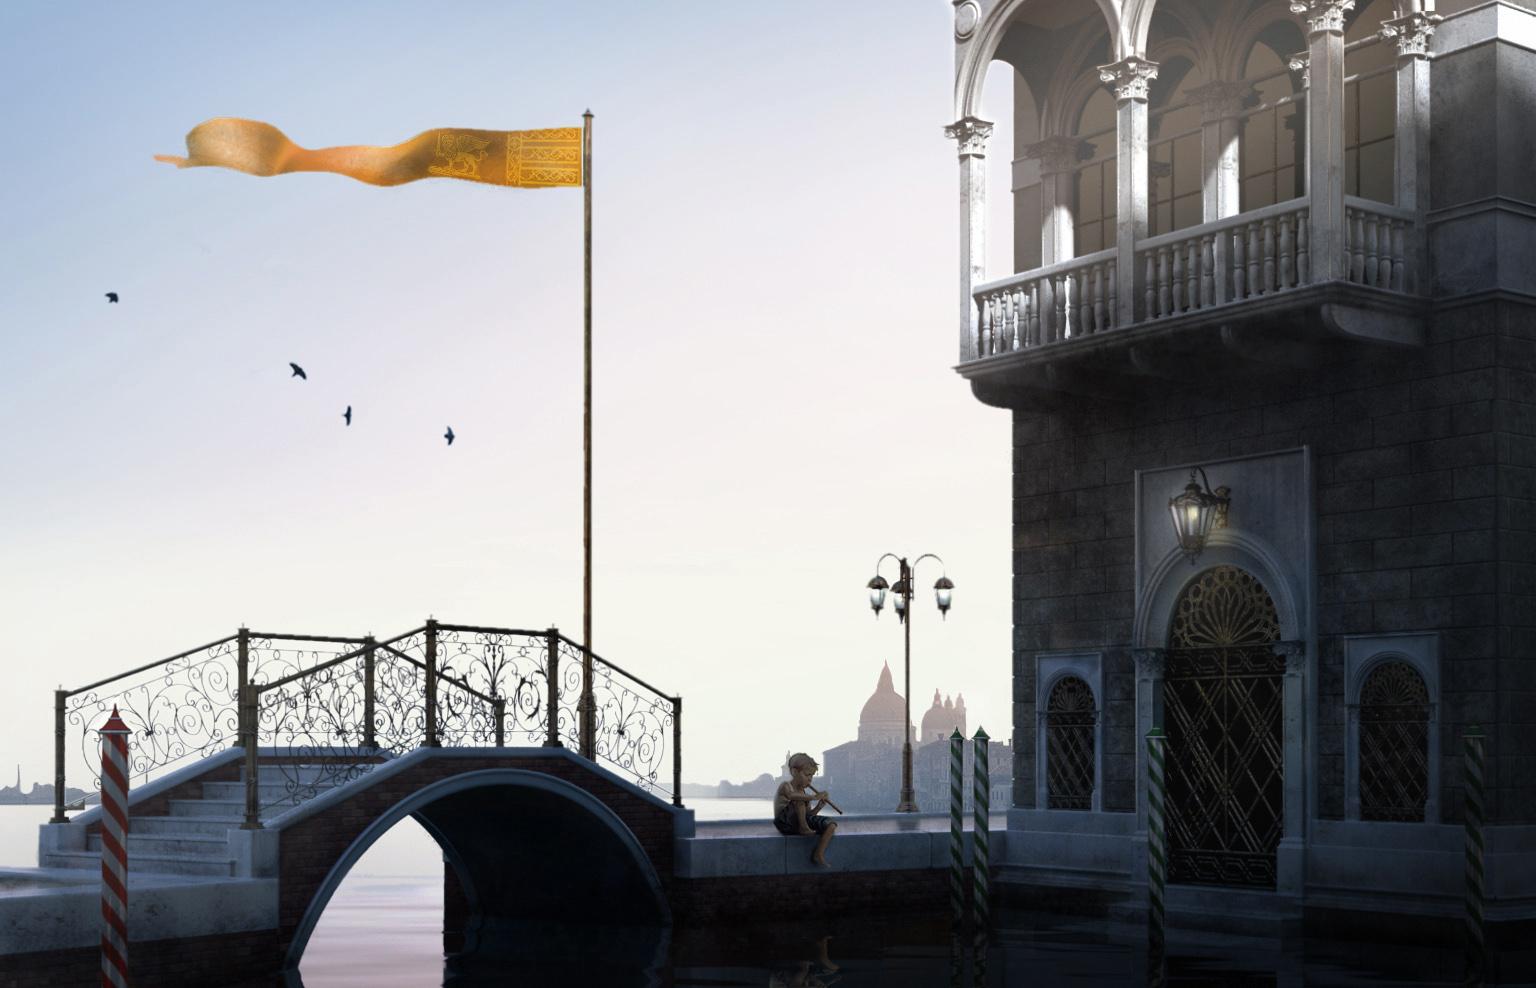 Venezia-3D-bozzetto-laguna-alba-ponte-bimbo-digital painting